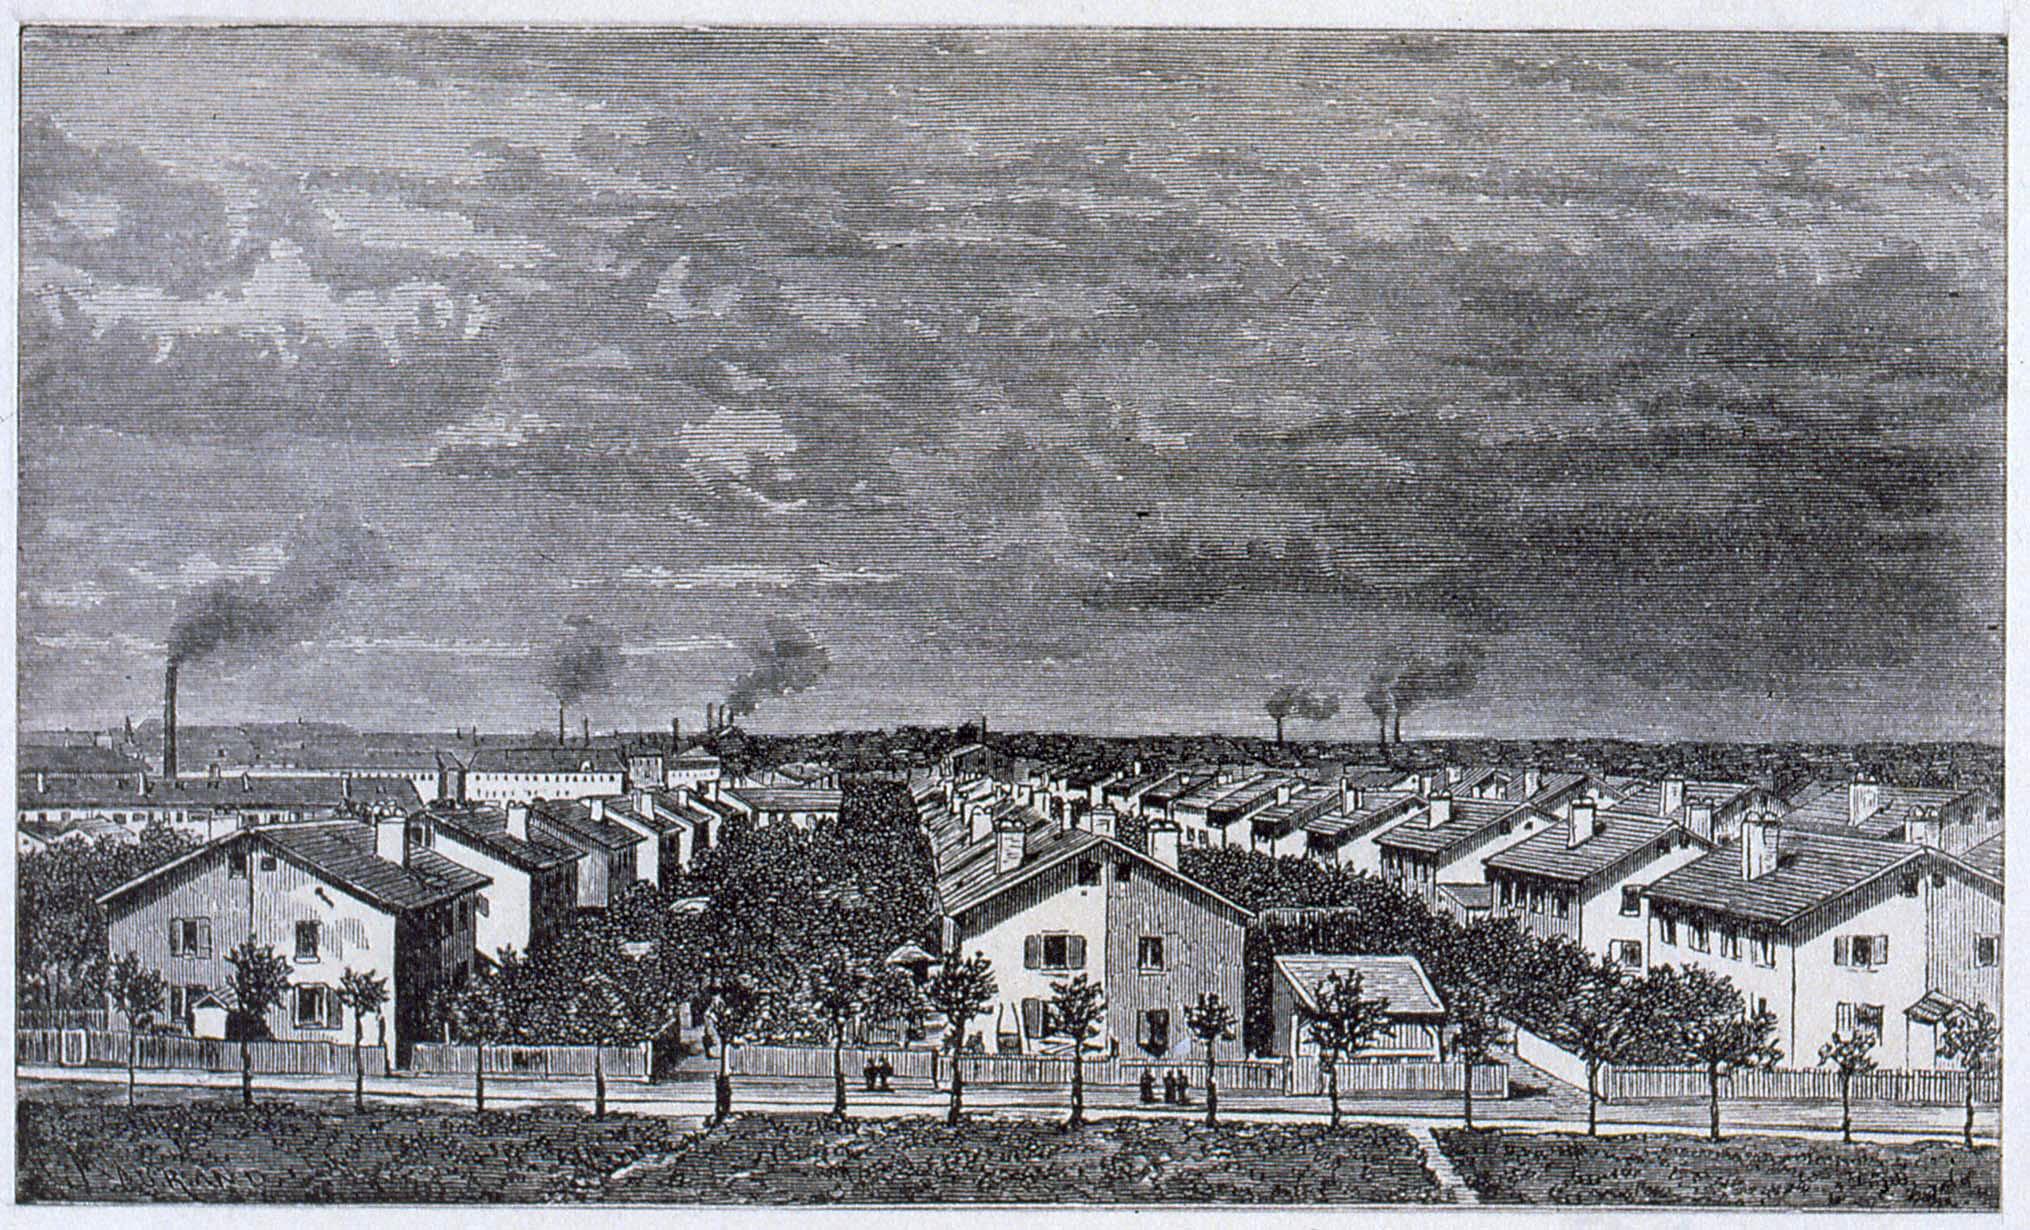 meininger graveur mulhouse cit ouvri re 1860 atlas des paysages d 39 alsace. Black Bedroom Furniture Sets. Home Design Ideas